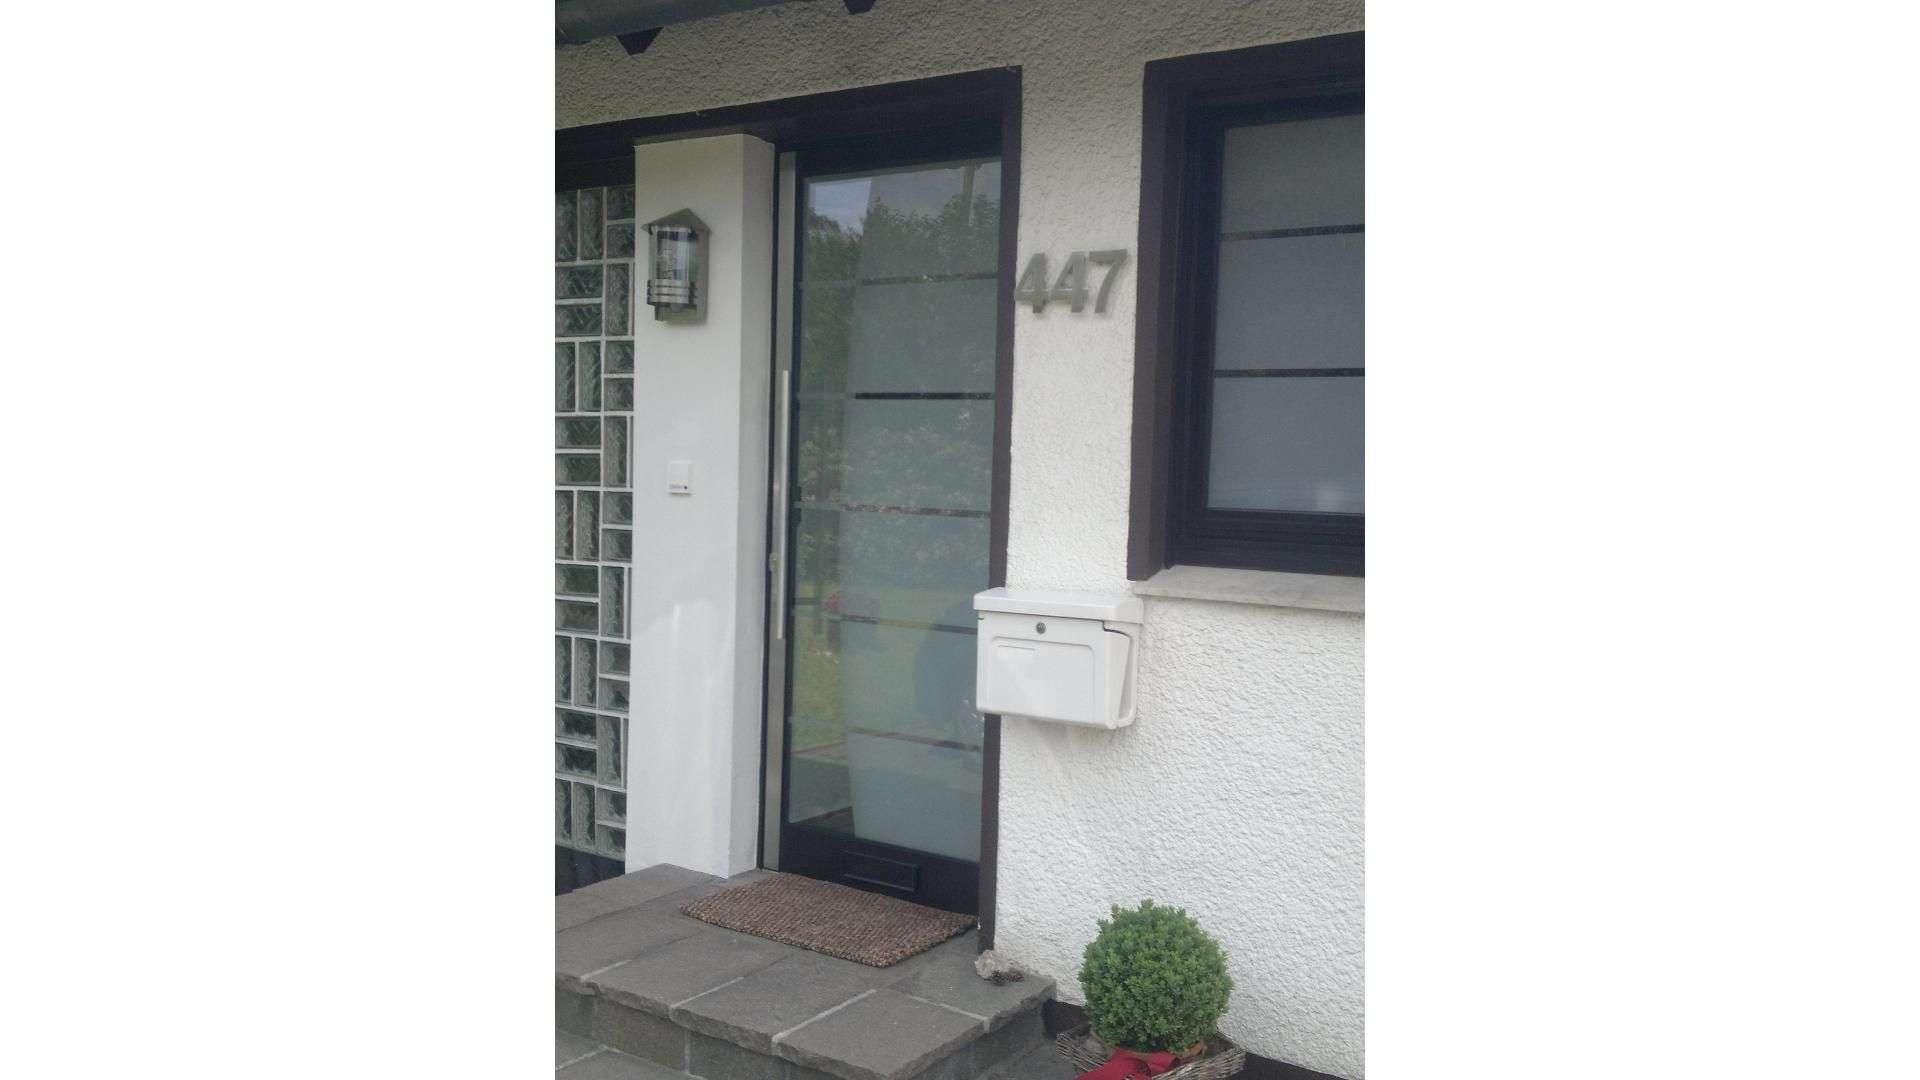 Haustür mit Glaseinsätzen in weißer Fassade